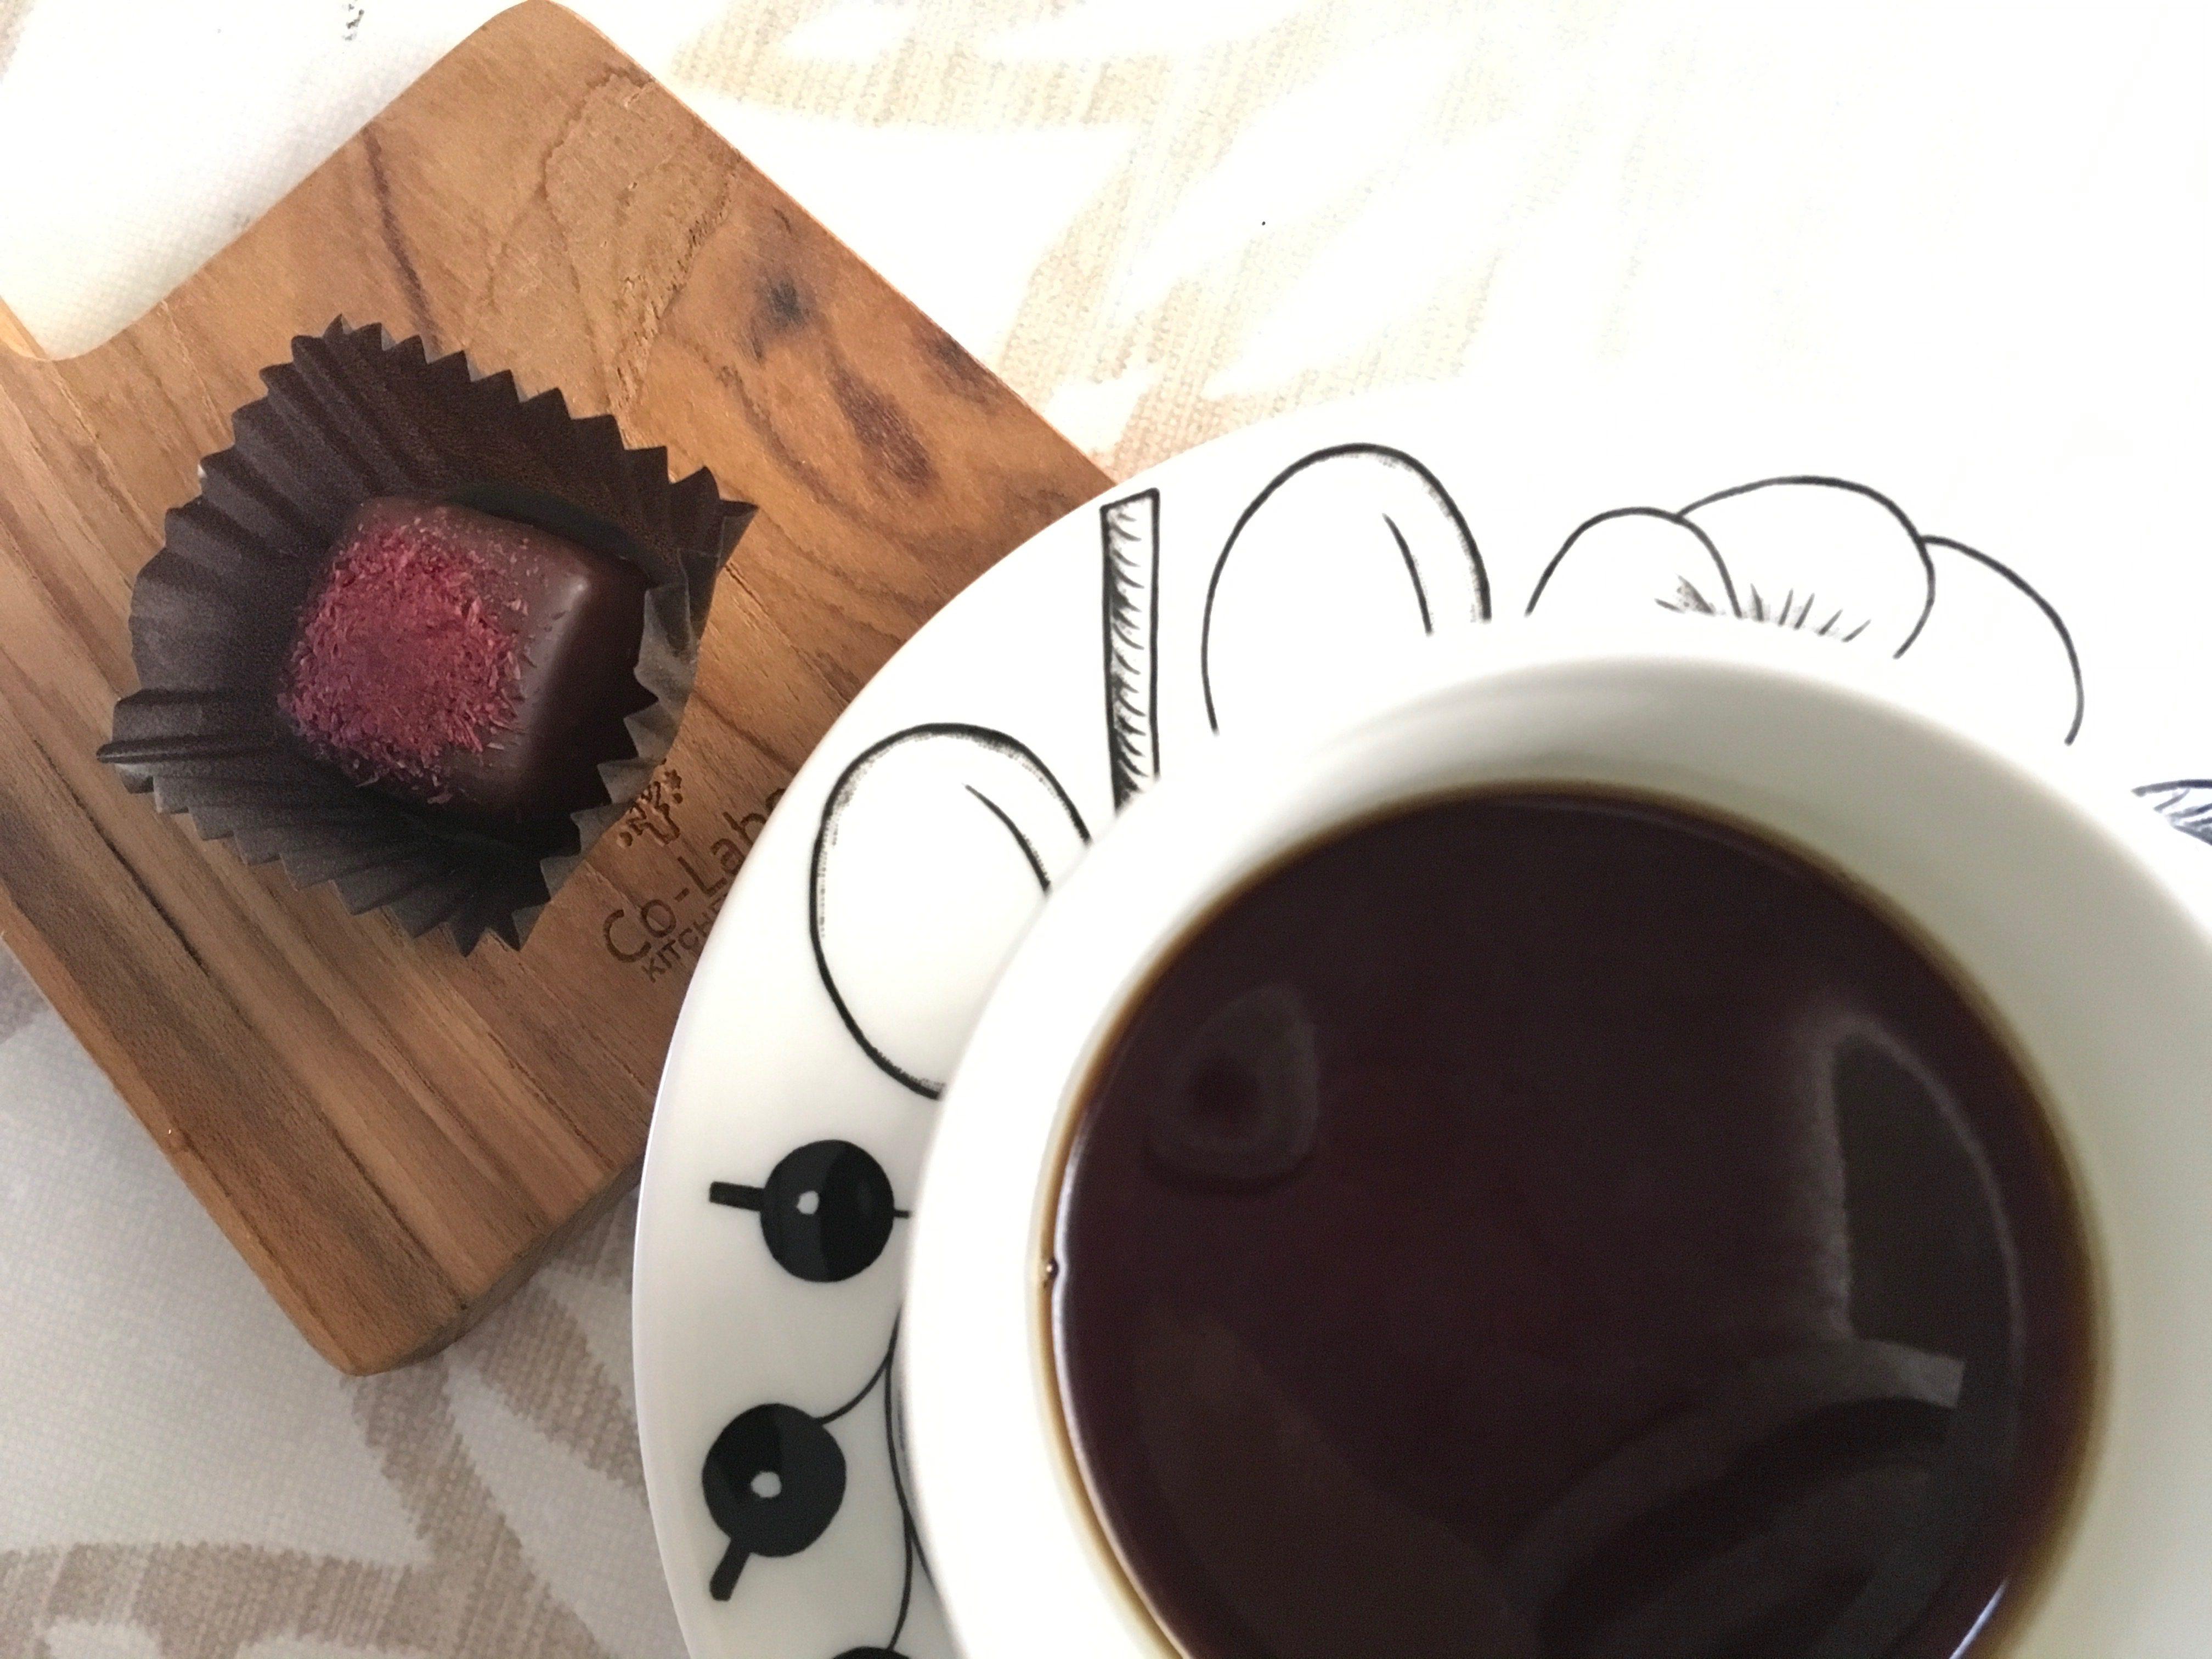 【焙りたてコーヒー講座】&【Nagi会員のご案内】